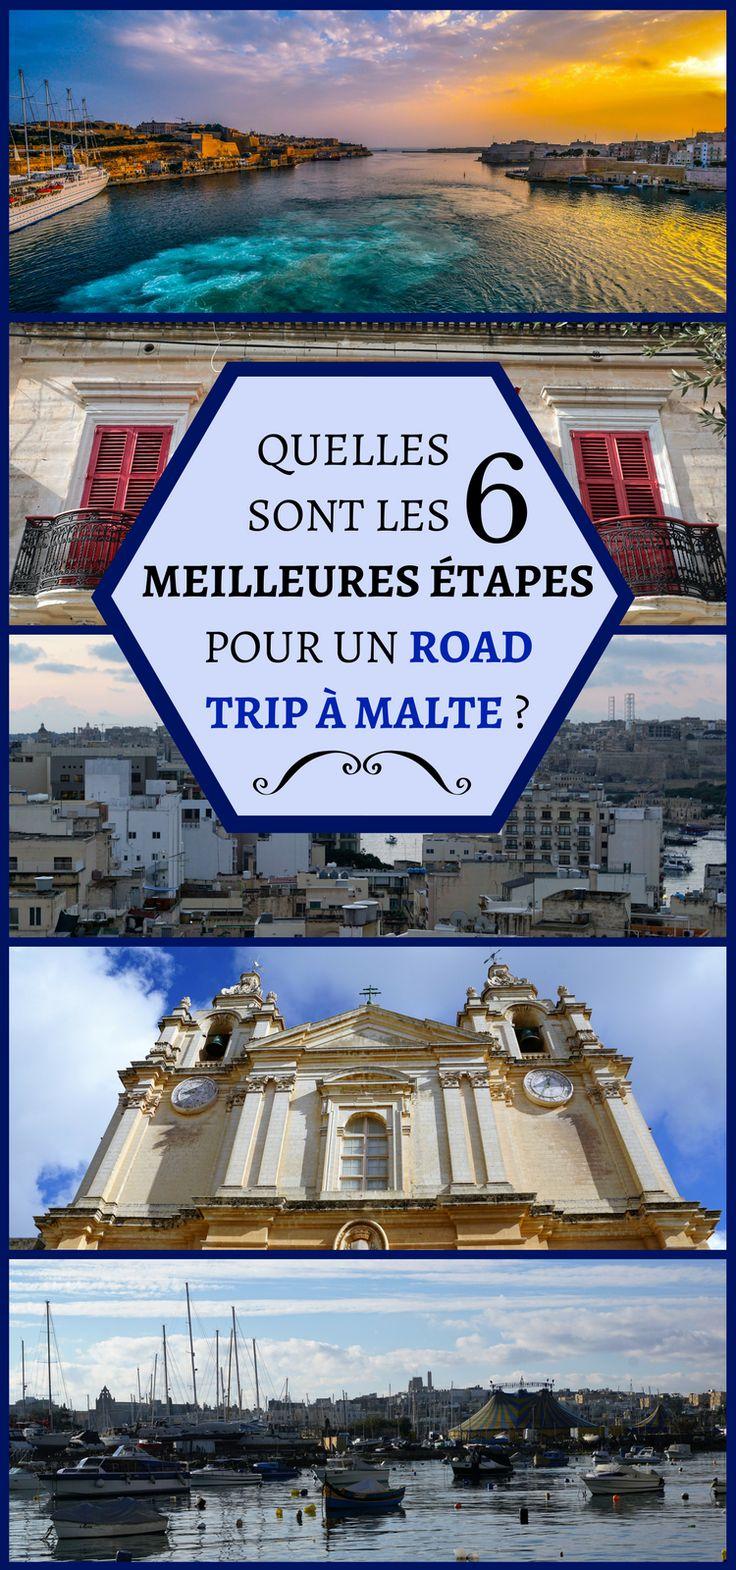 Petite île de la Méditerranée, Malte est à 100km de la Sicile. Voici nos meilleures étapes si vous faites un #RoadTrip dans ce beau pays. #Malte #Voyage